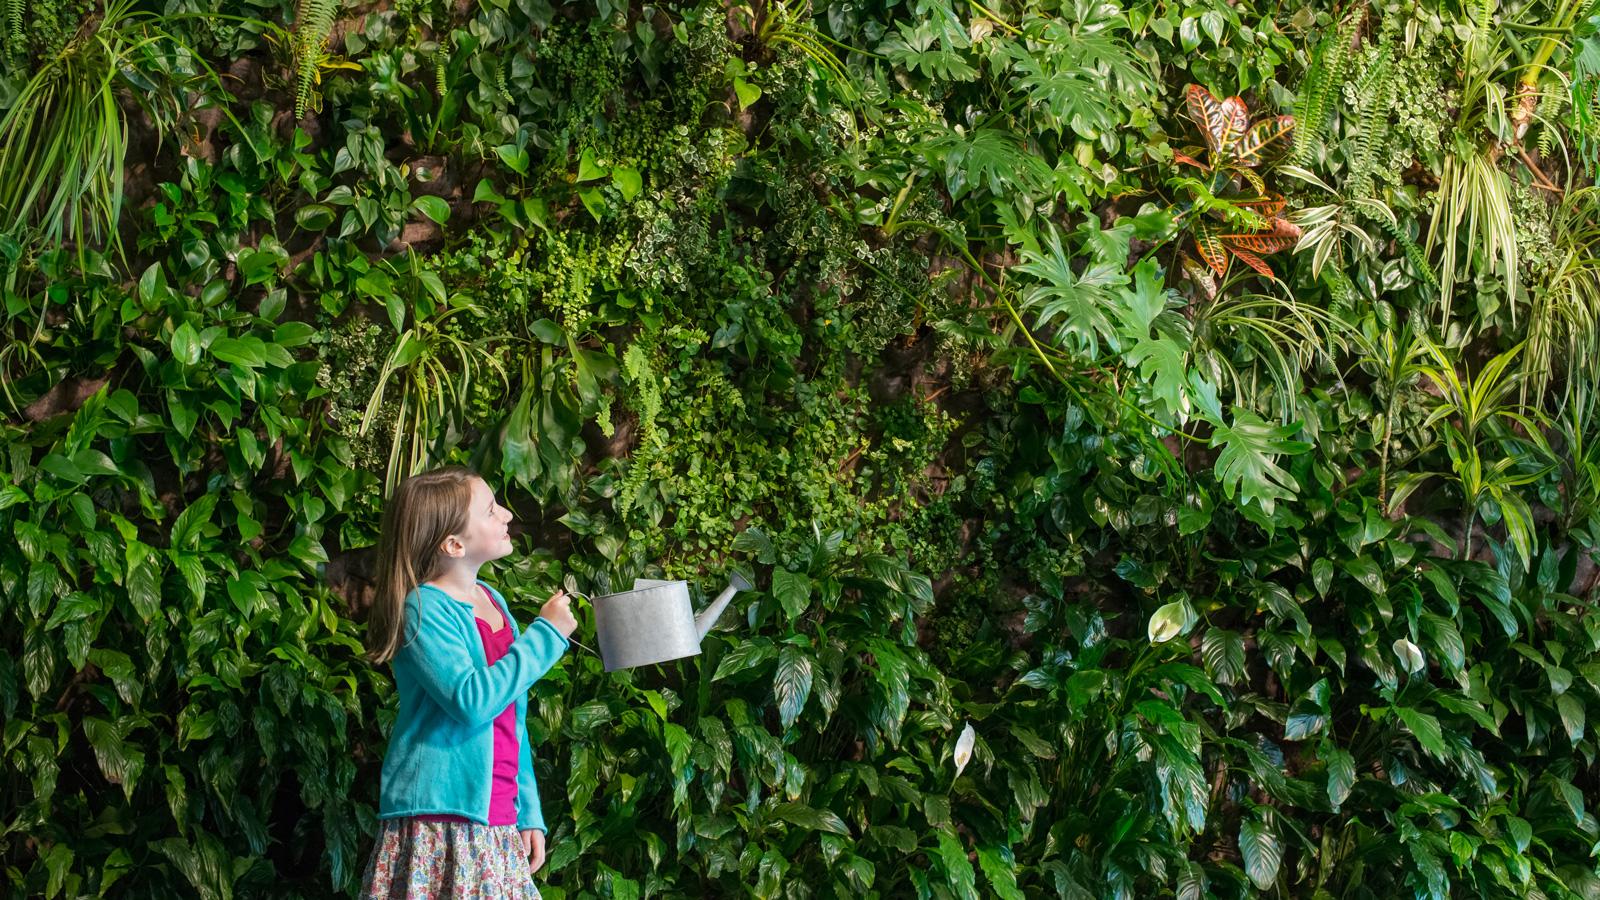 ŠKODA przygotowują zieloną rewolucję na dachach? eko mediarun eko miasto rosliny 2020